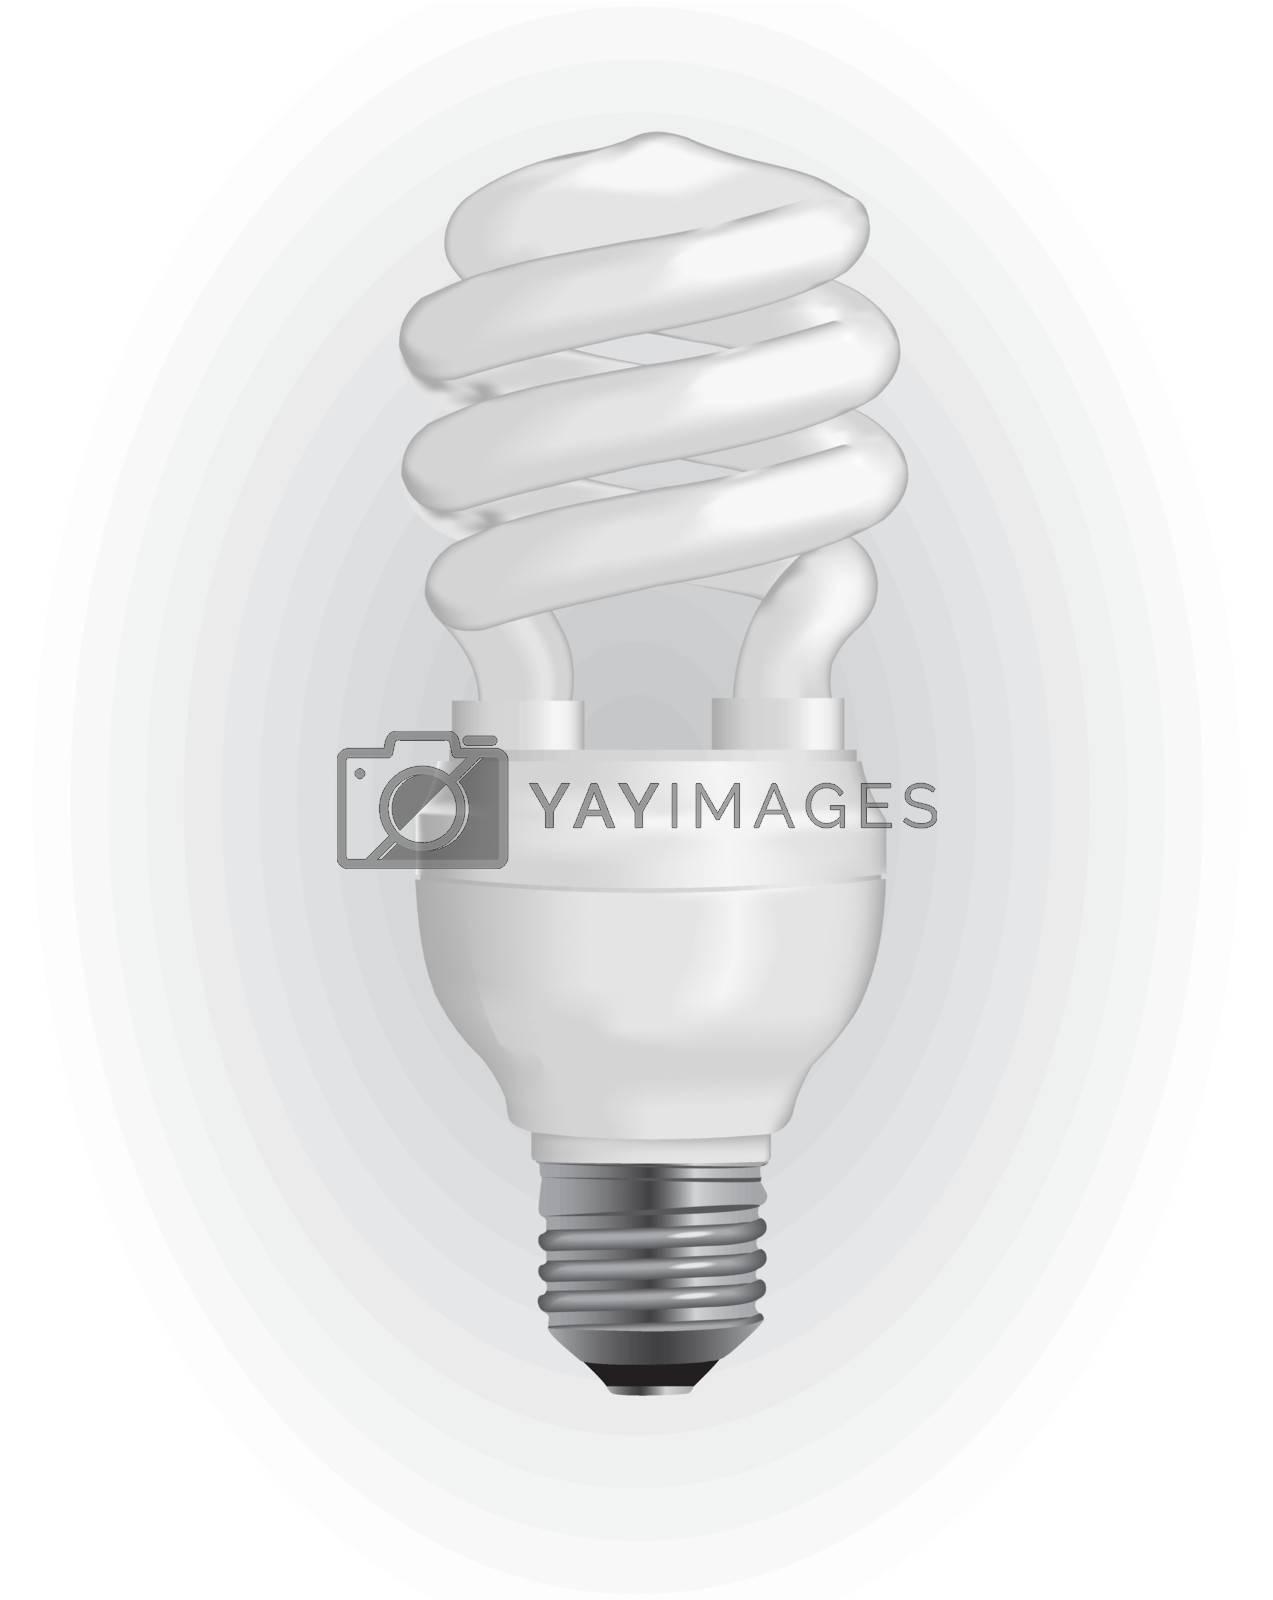 Energy saving light bulb by smoki